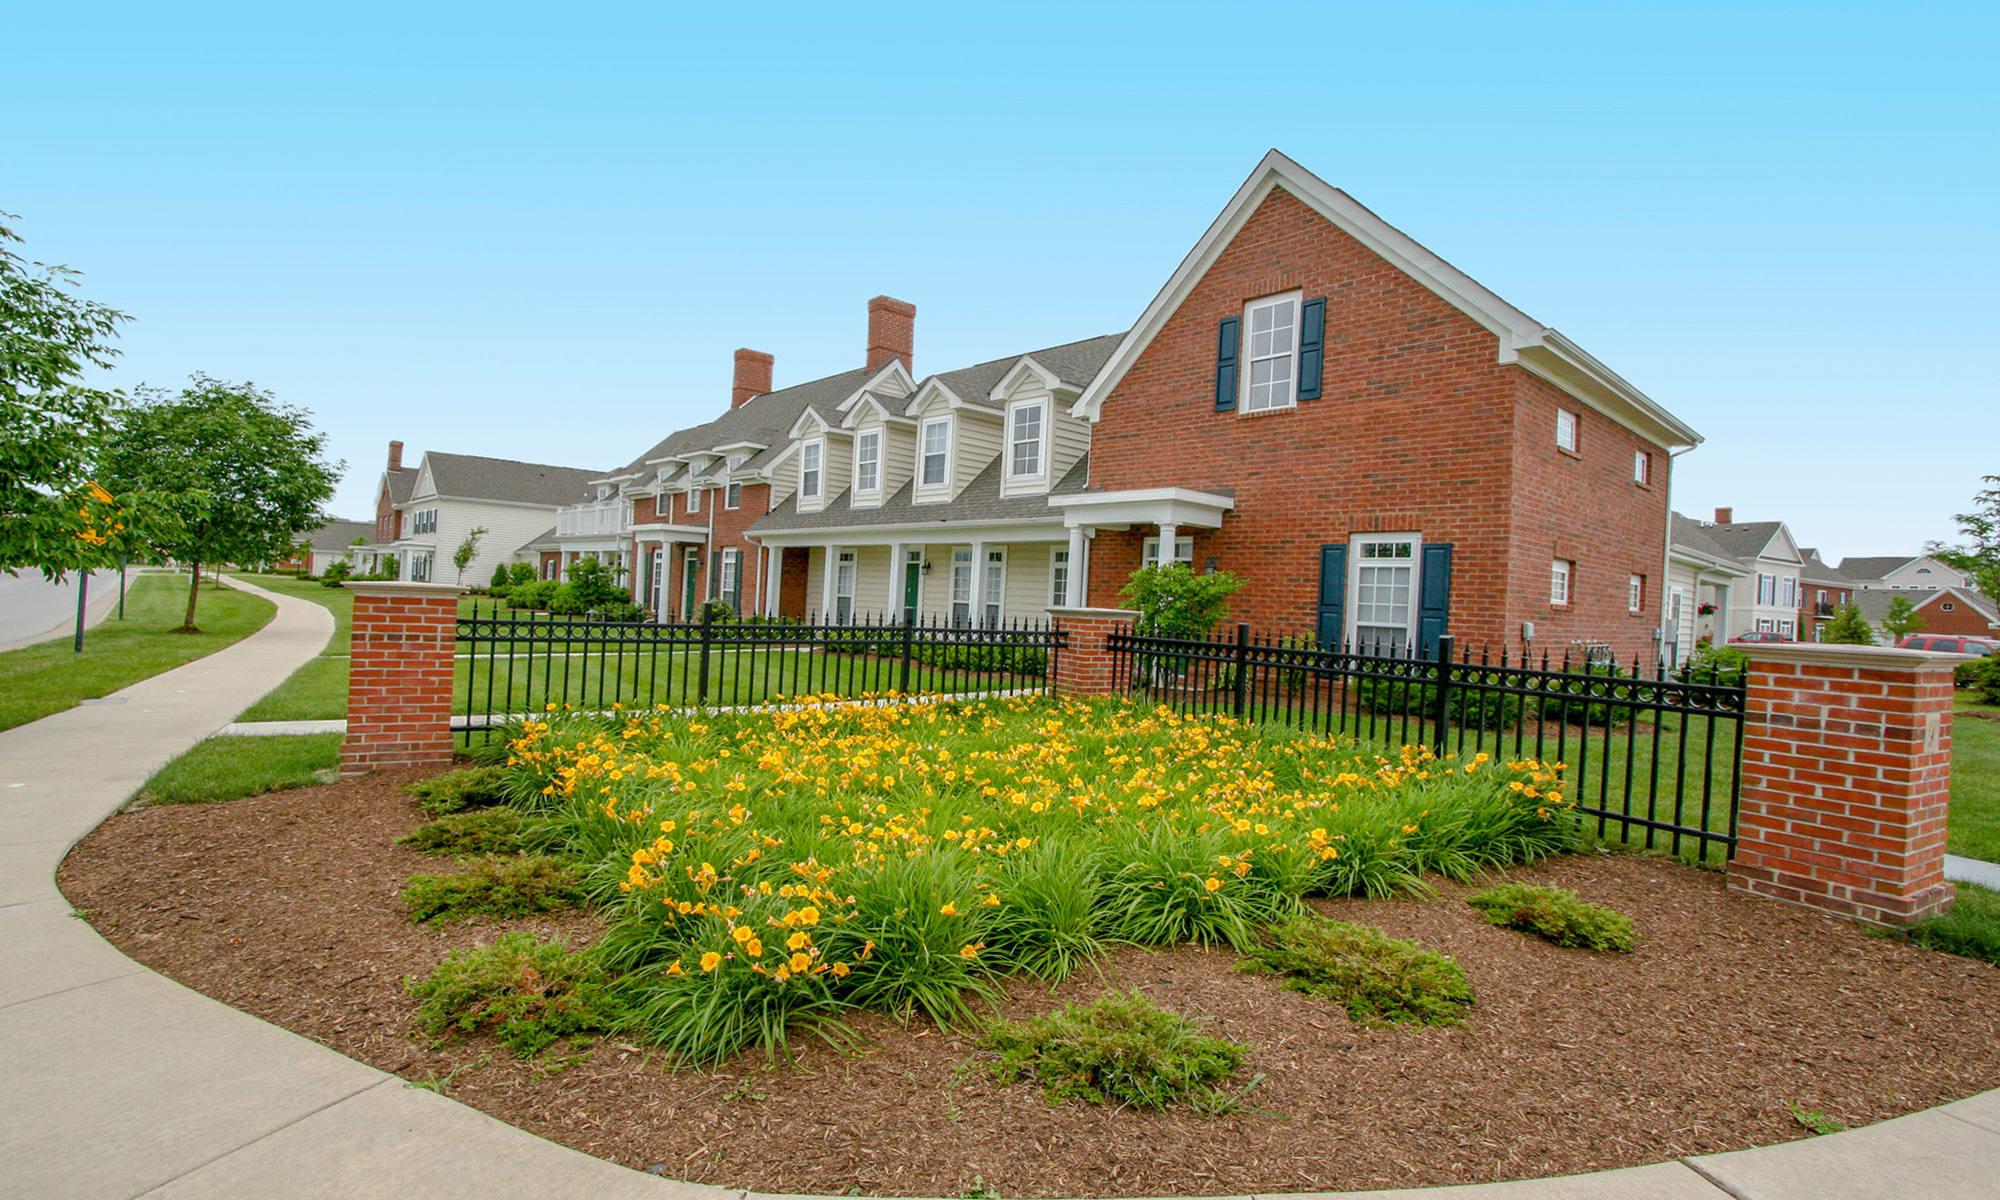 Apartments in Perrysburg, Ohio